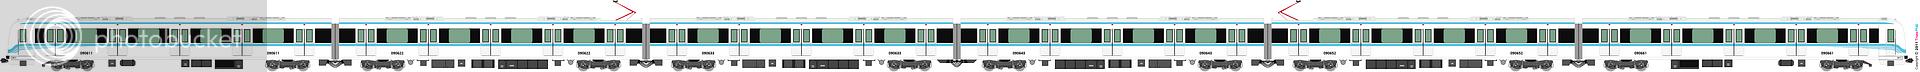 鐵路列車 2276